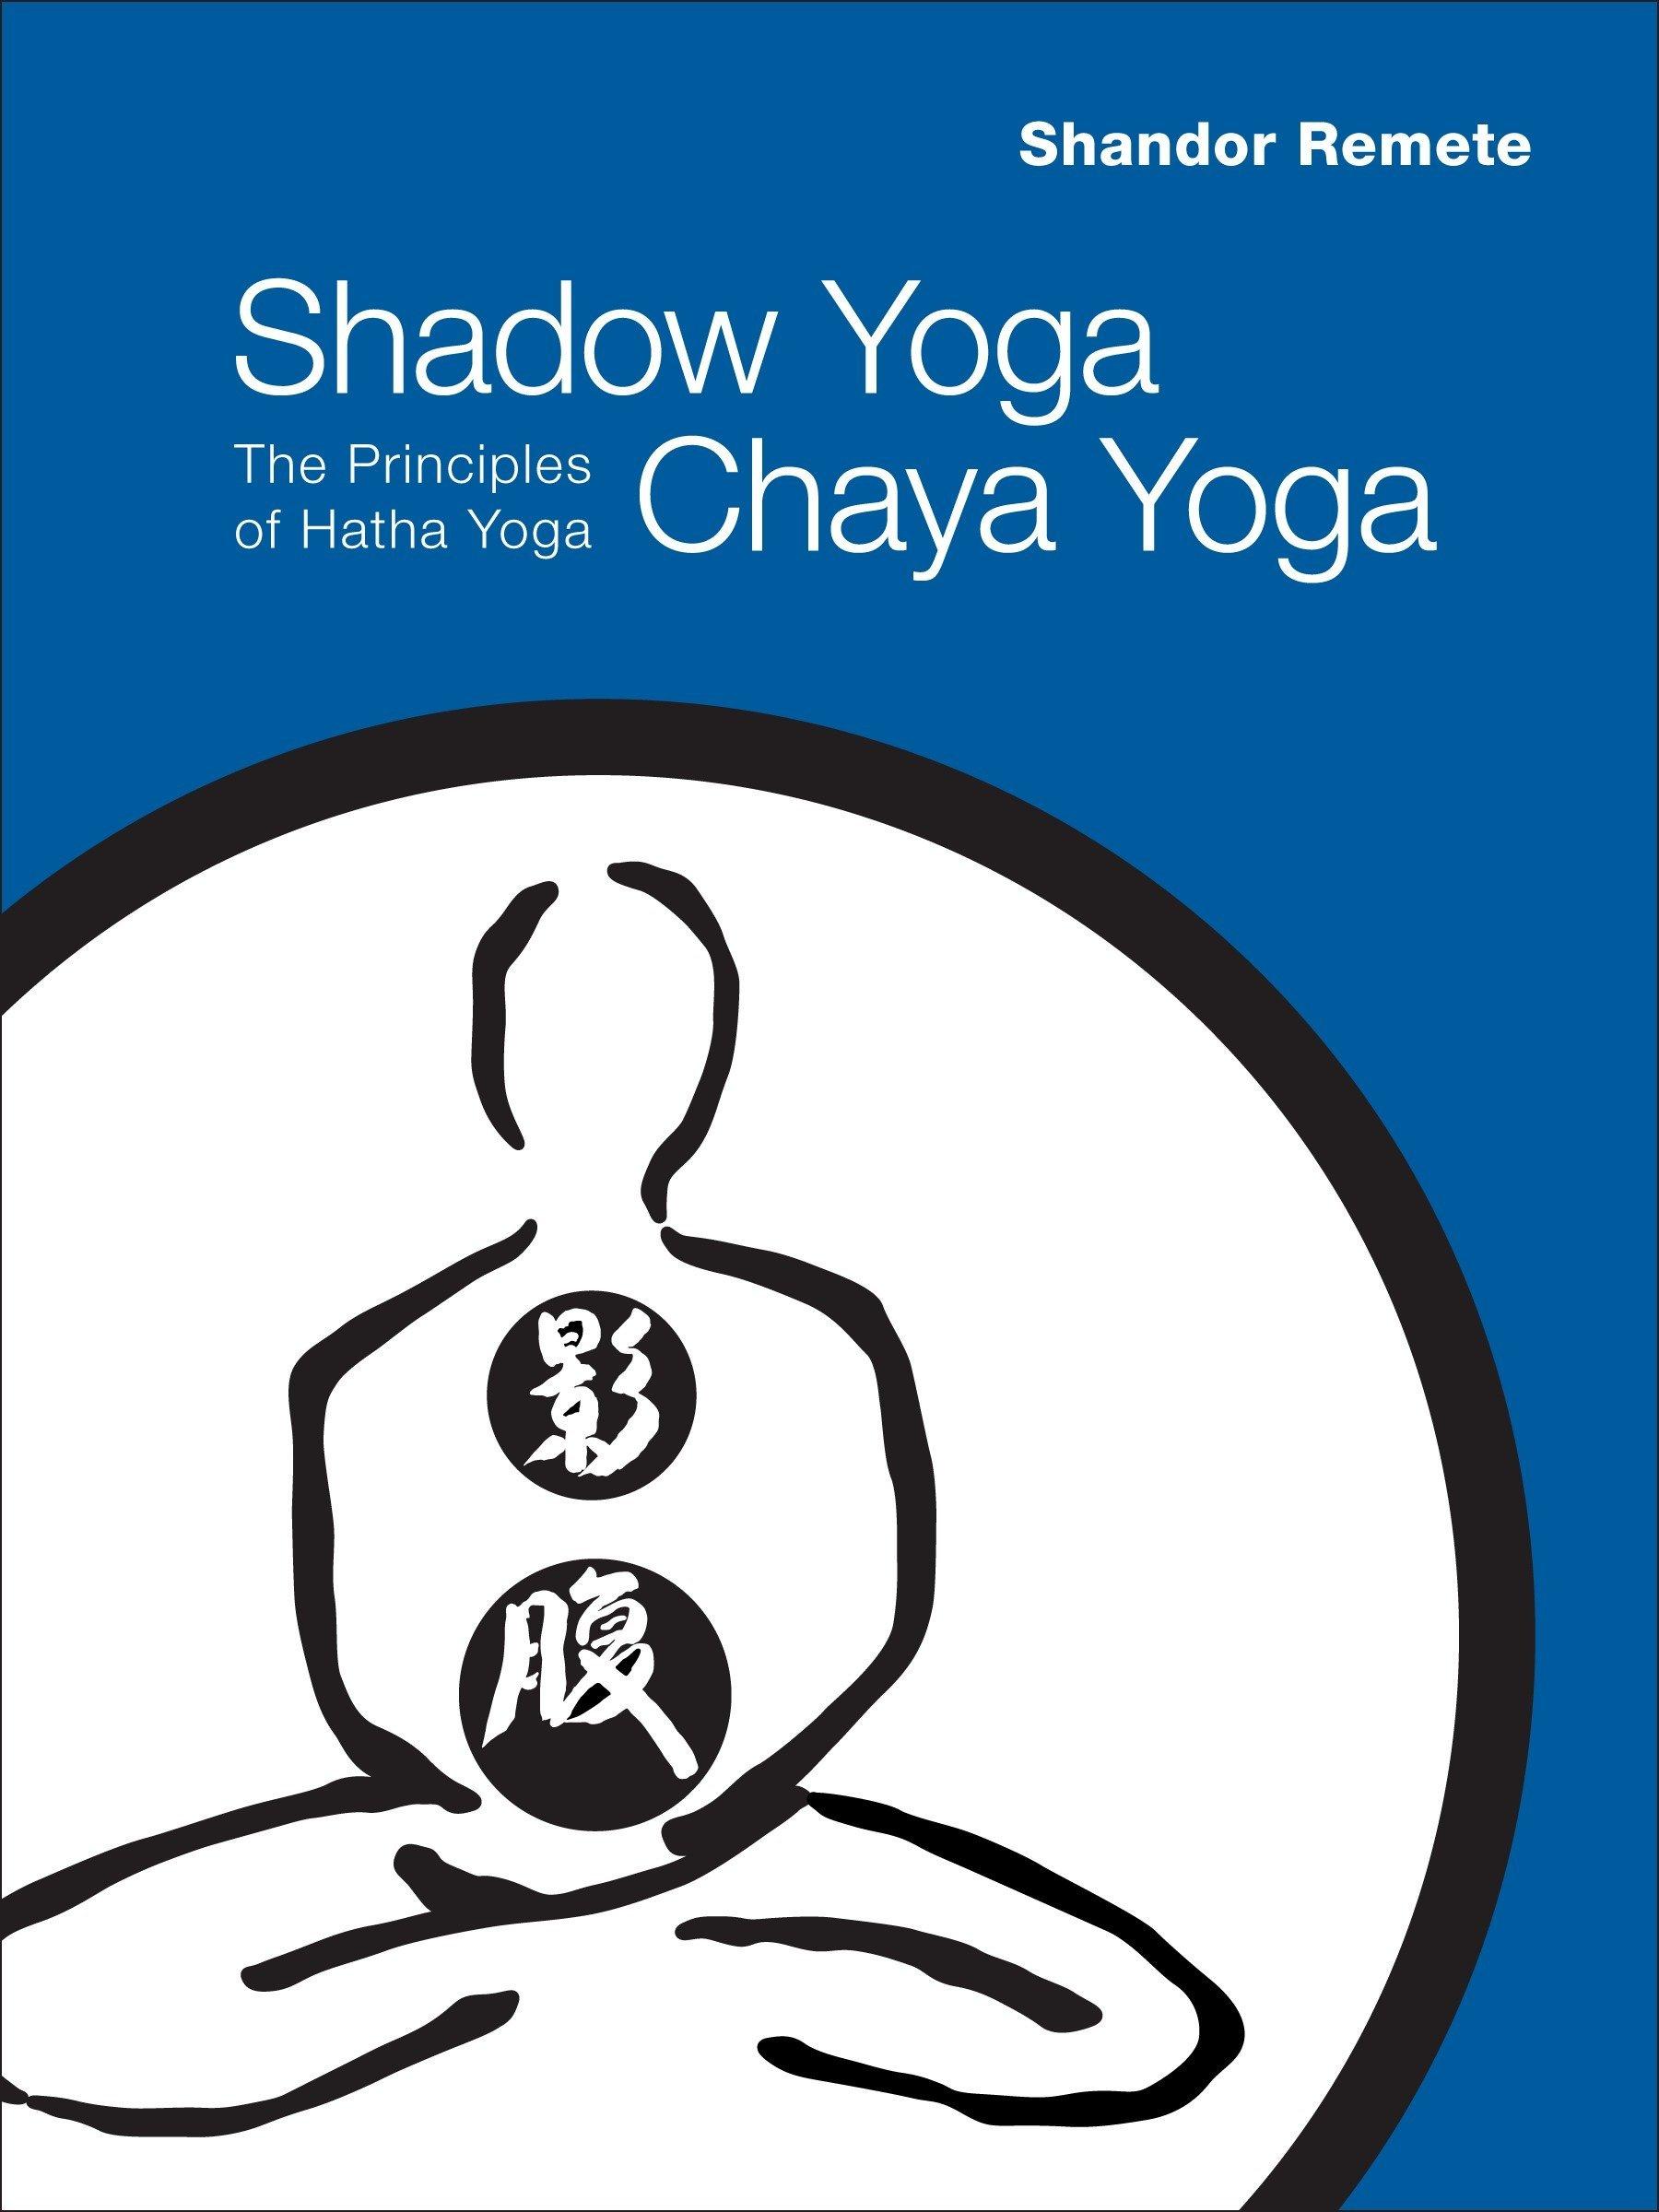 Shadow Yoga, Chaya Yoga: The Principles of Hatha Yoga ...